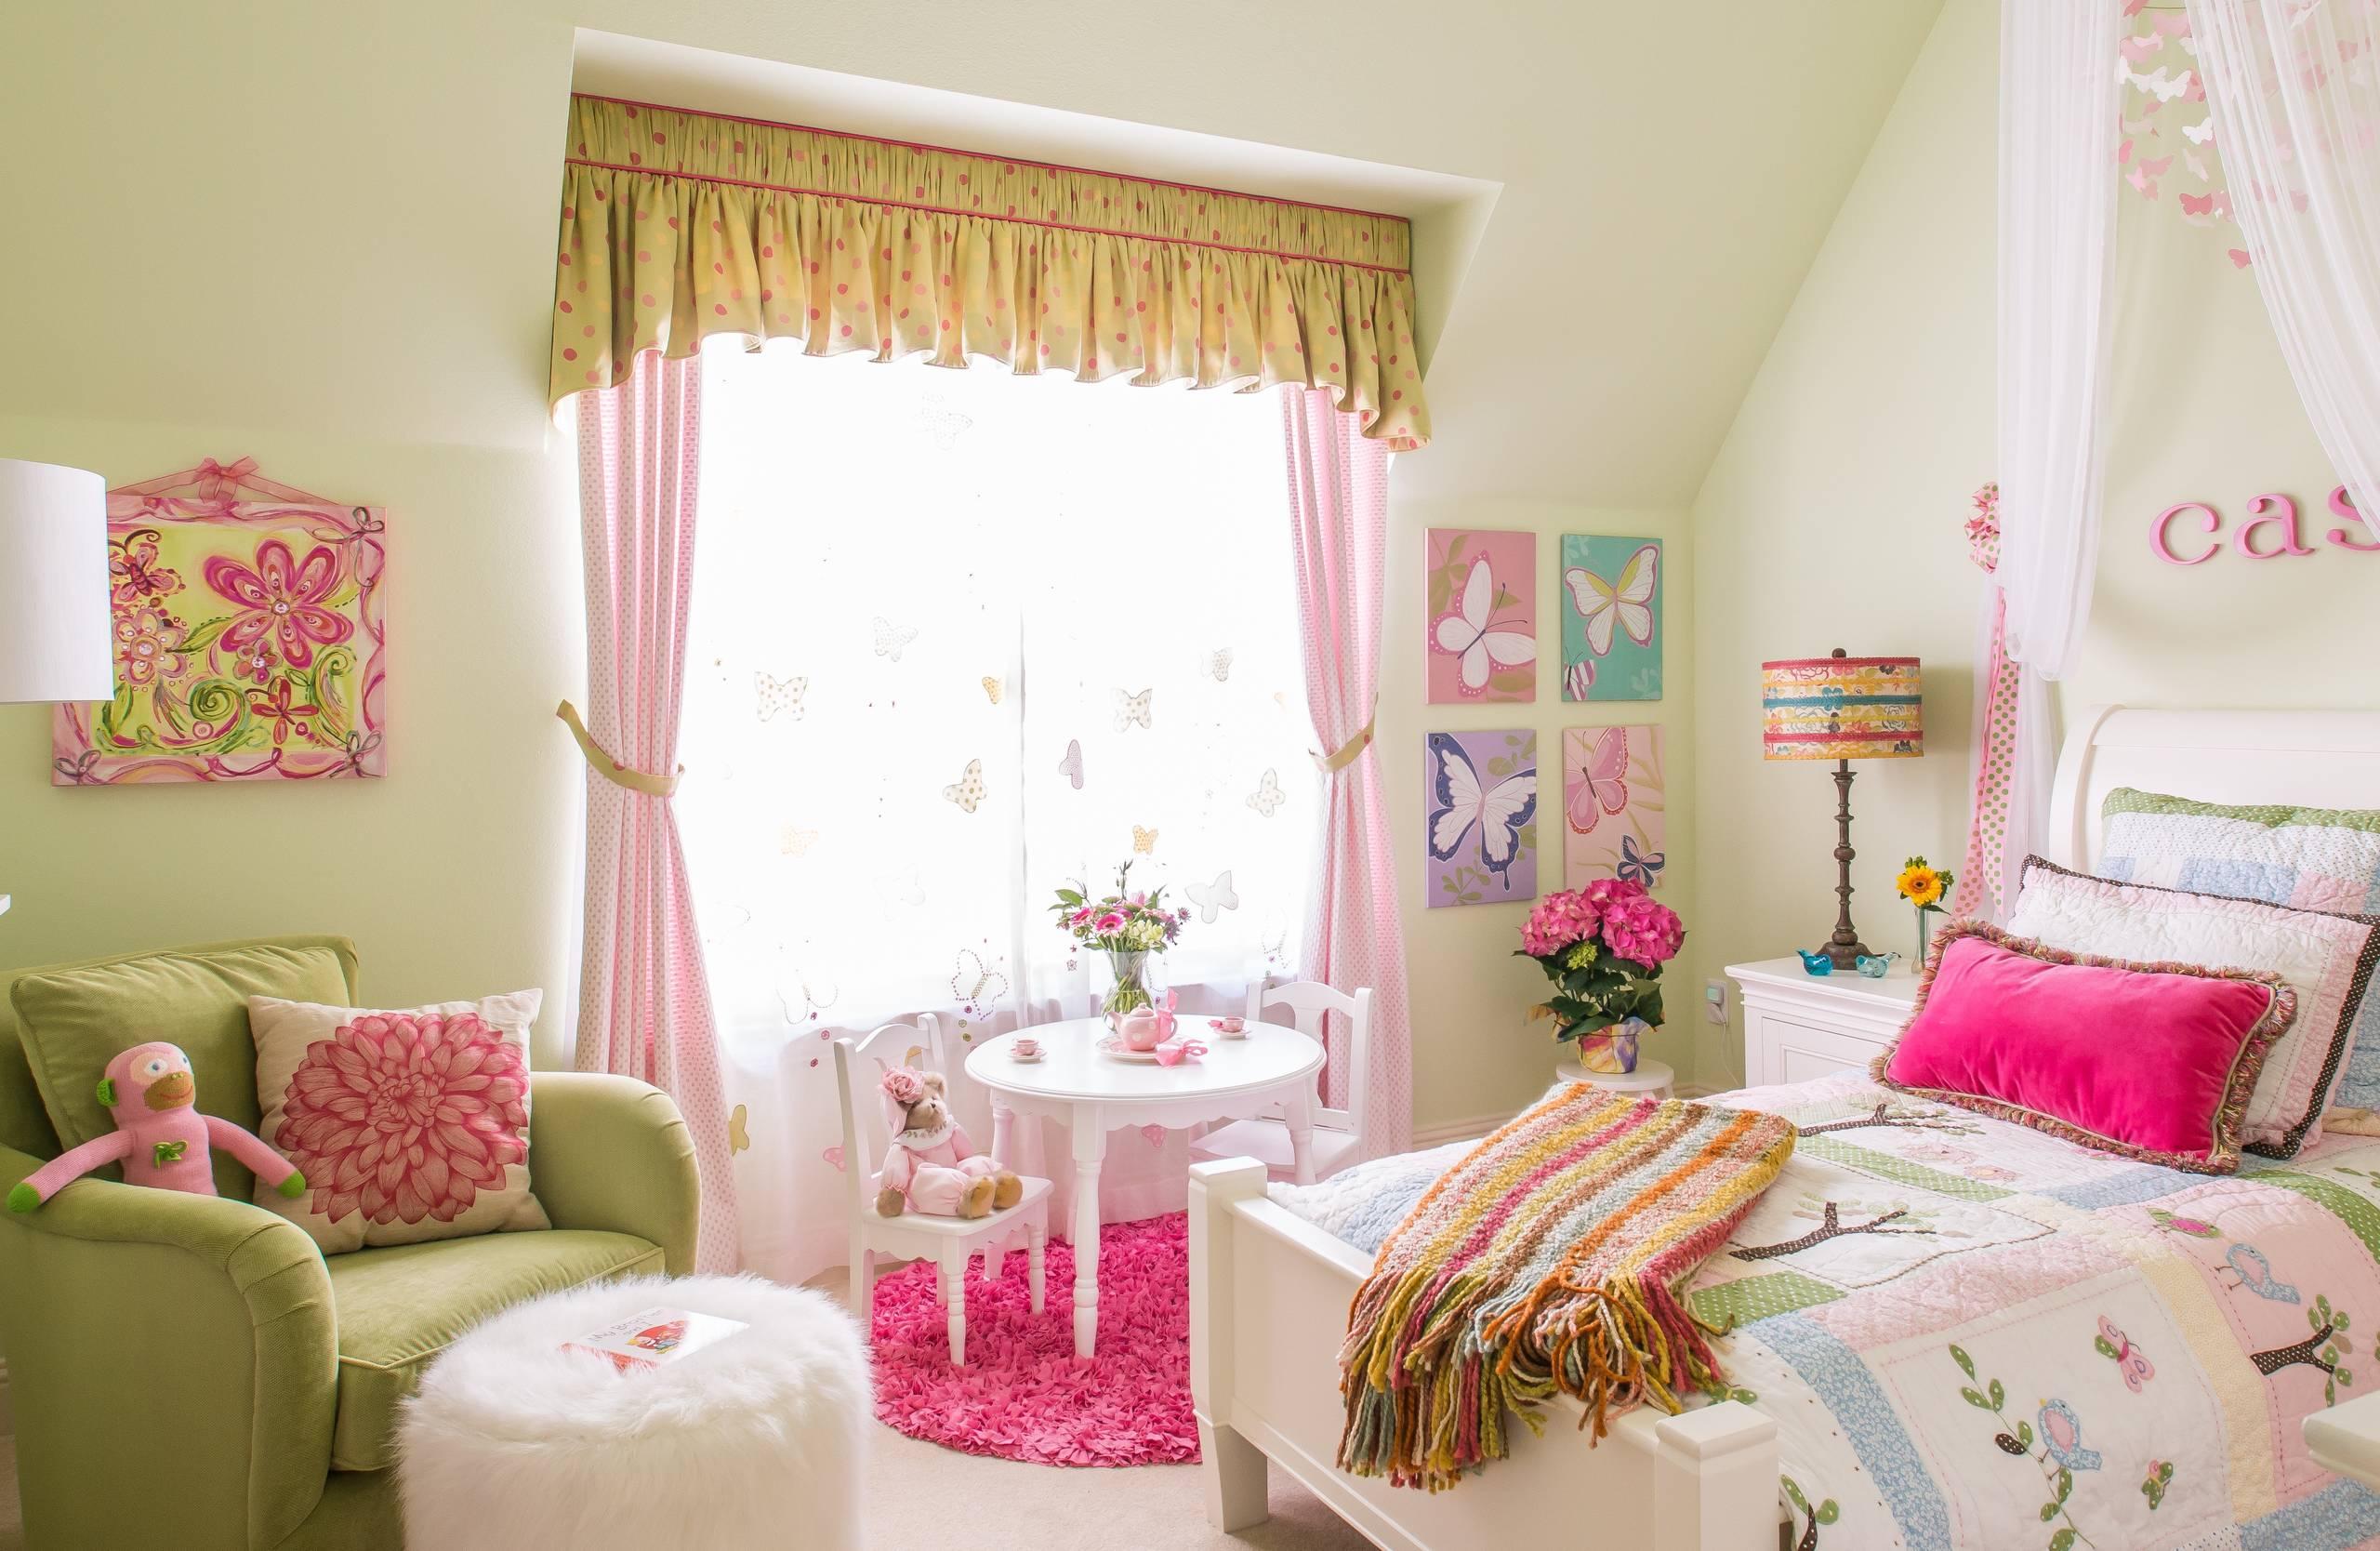 Décoration de fenêtre pour une chambre d'enfant à partir de trois composants: tulle, rideaux et lambrequin